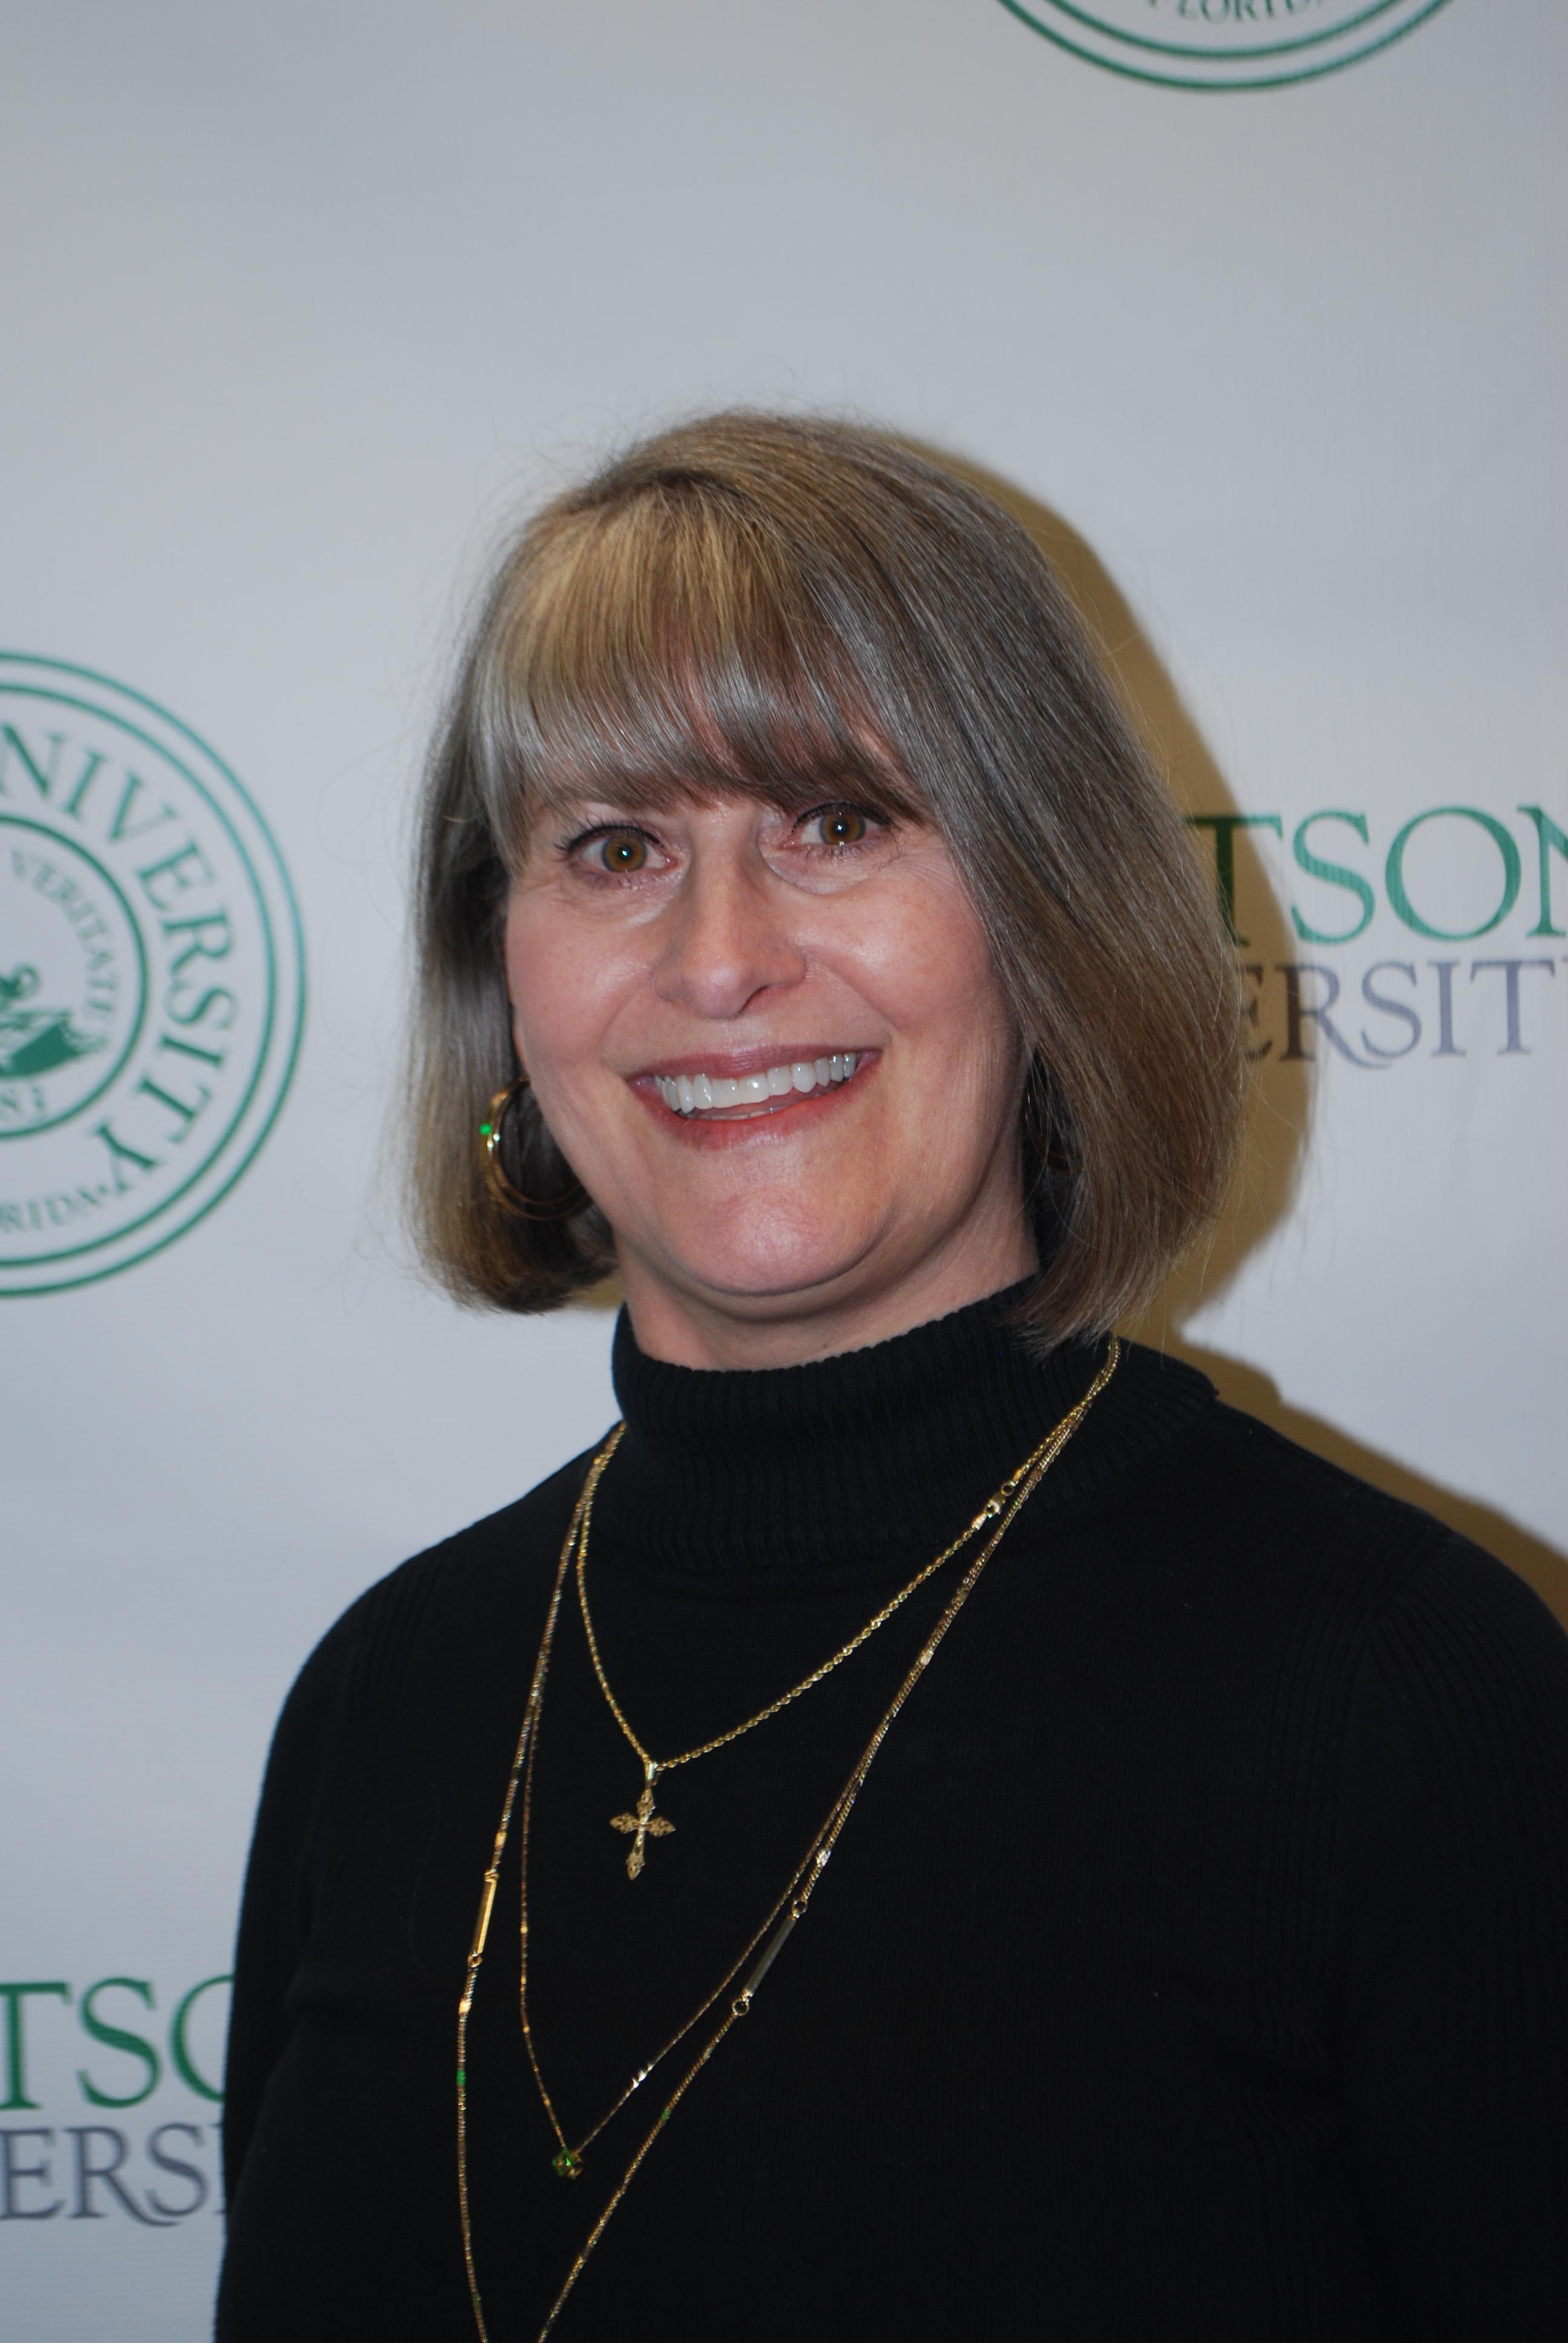 Janie Graziani